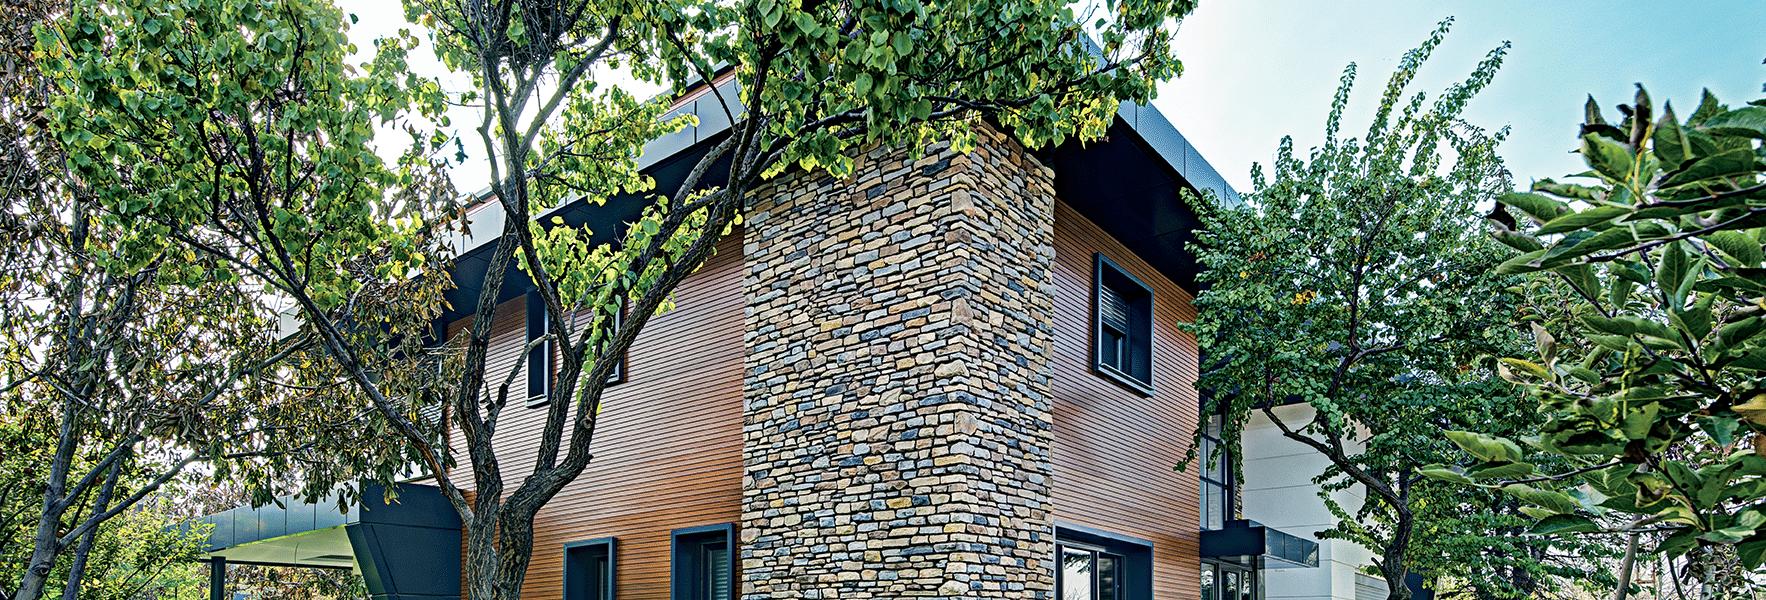 Maison avec pignon en fausses pierres